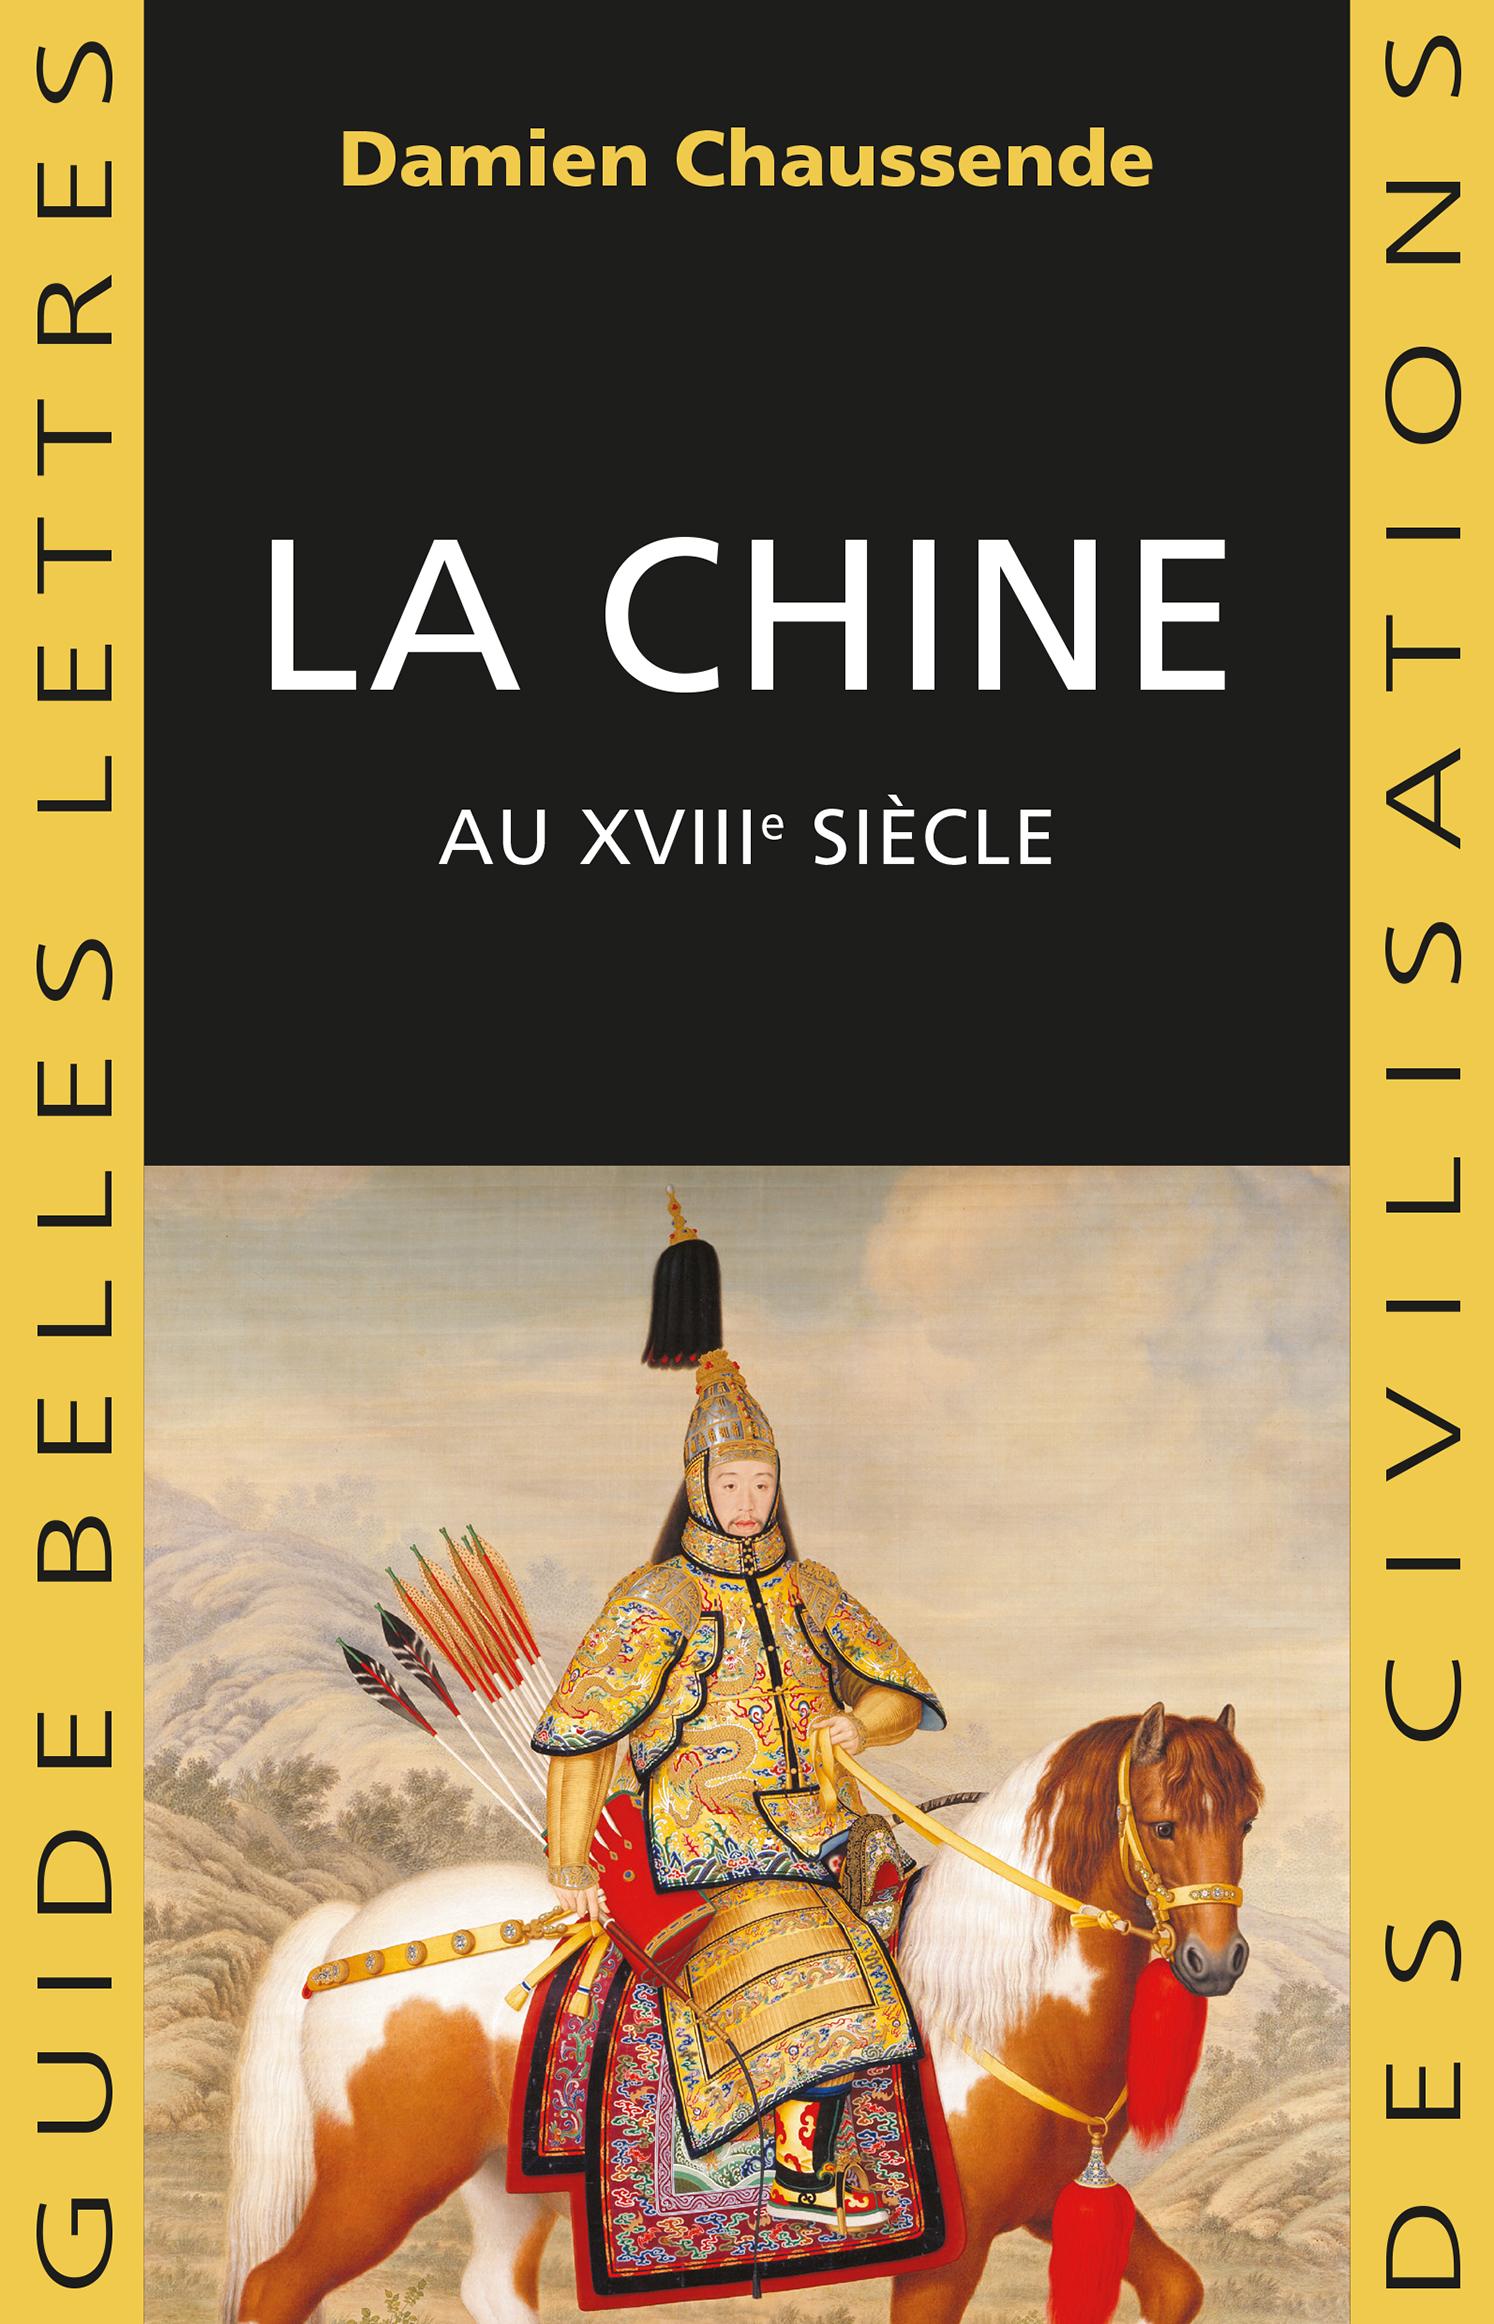 La Chine au XVIIIe siècle